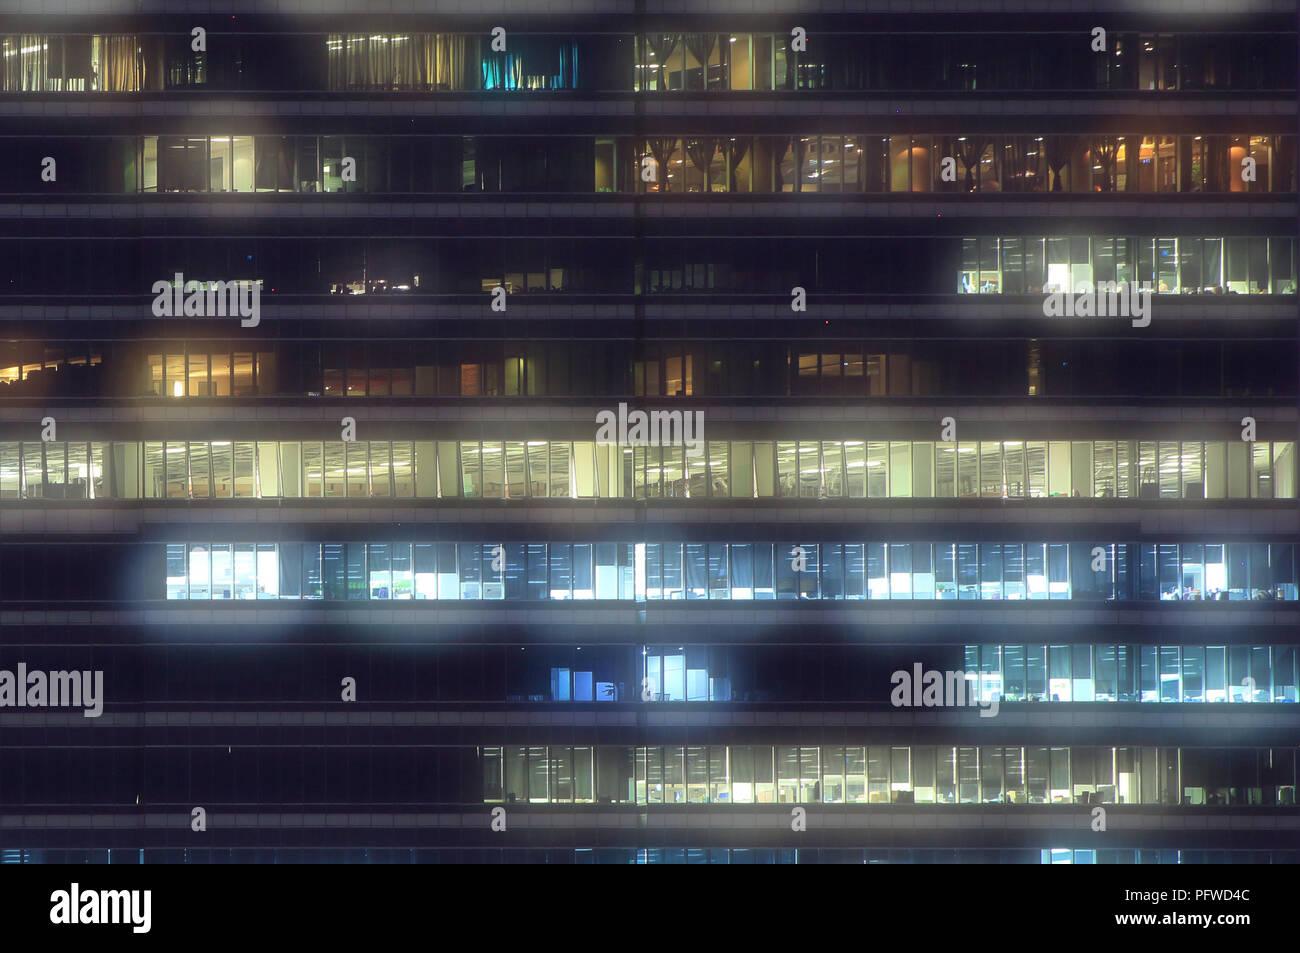 Les travailleurs d'un immeuble de bureaux. boîte de lumière la nuit. logement bâtiment moderne en verre et metal clad office building s'allumer le soir. Banque D'Images